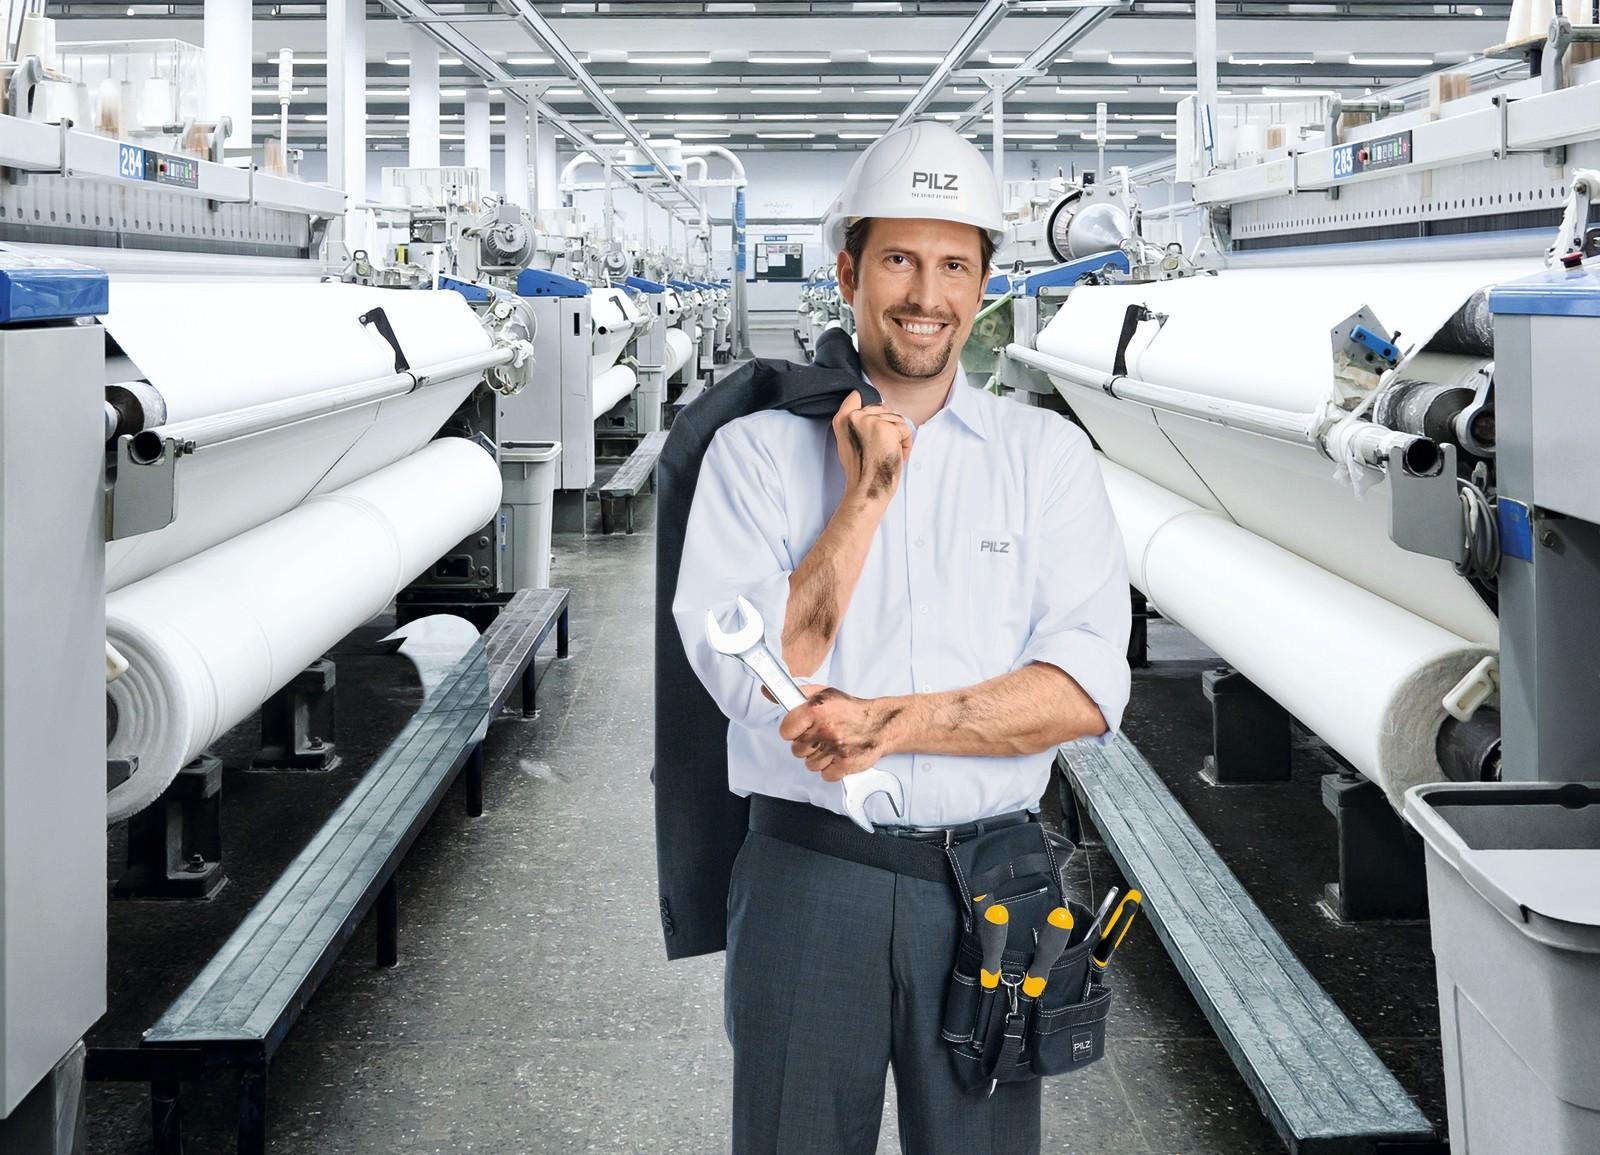 """Pilz präsentiert seine Automatisierungslösungen für das Retrofit von Maschinen und Anlagen sowie die dazugehörigen Dienstleistungen auf der neuen Fachmesse """"IN.STAND""""."""